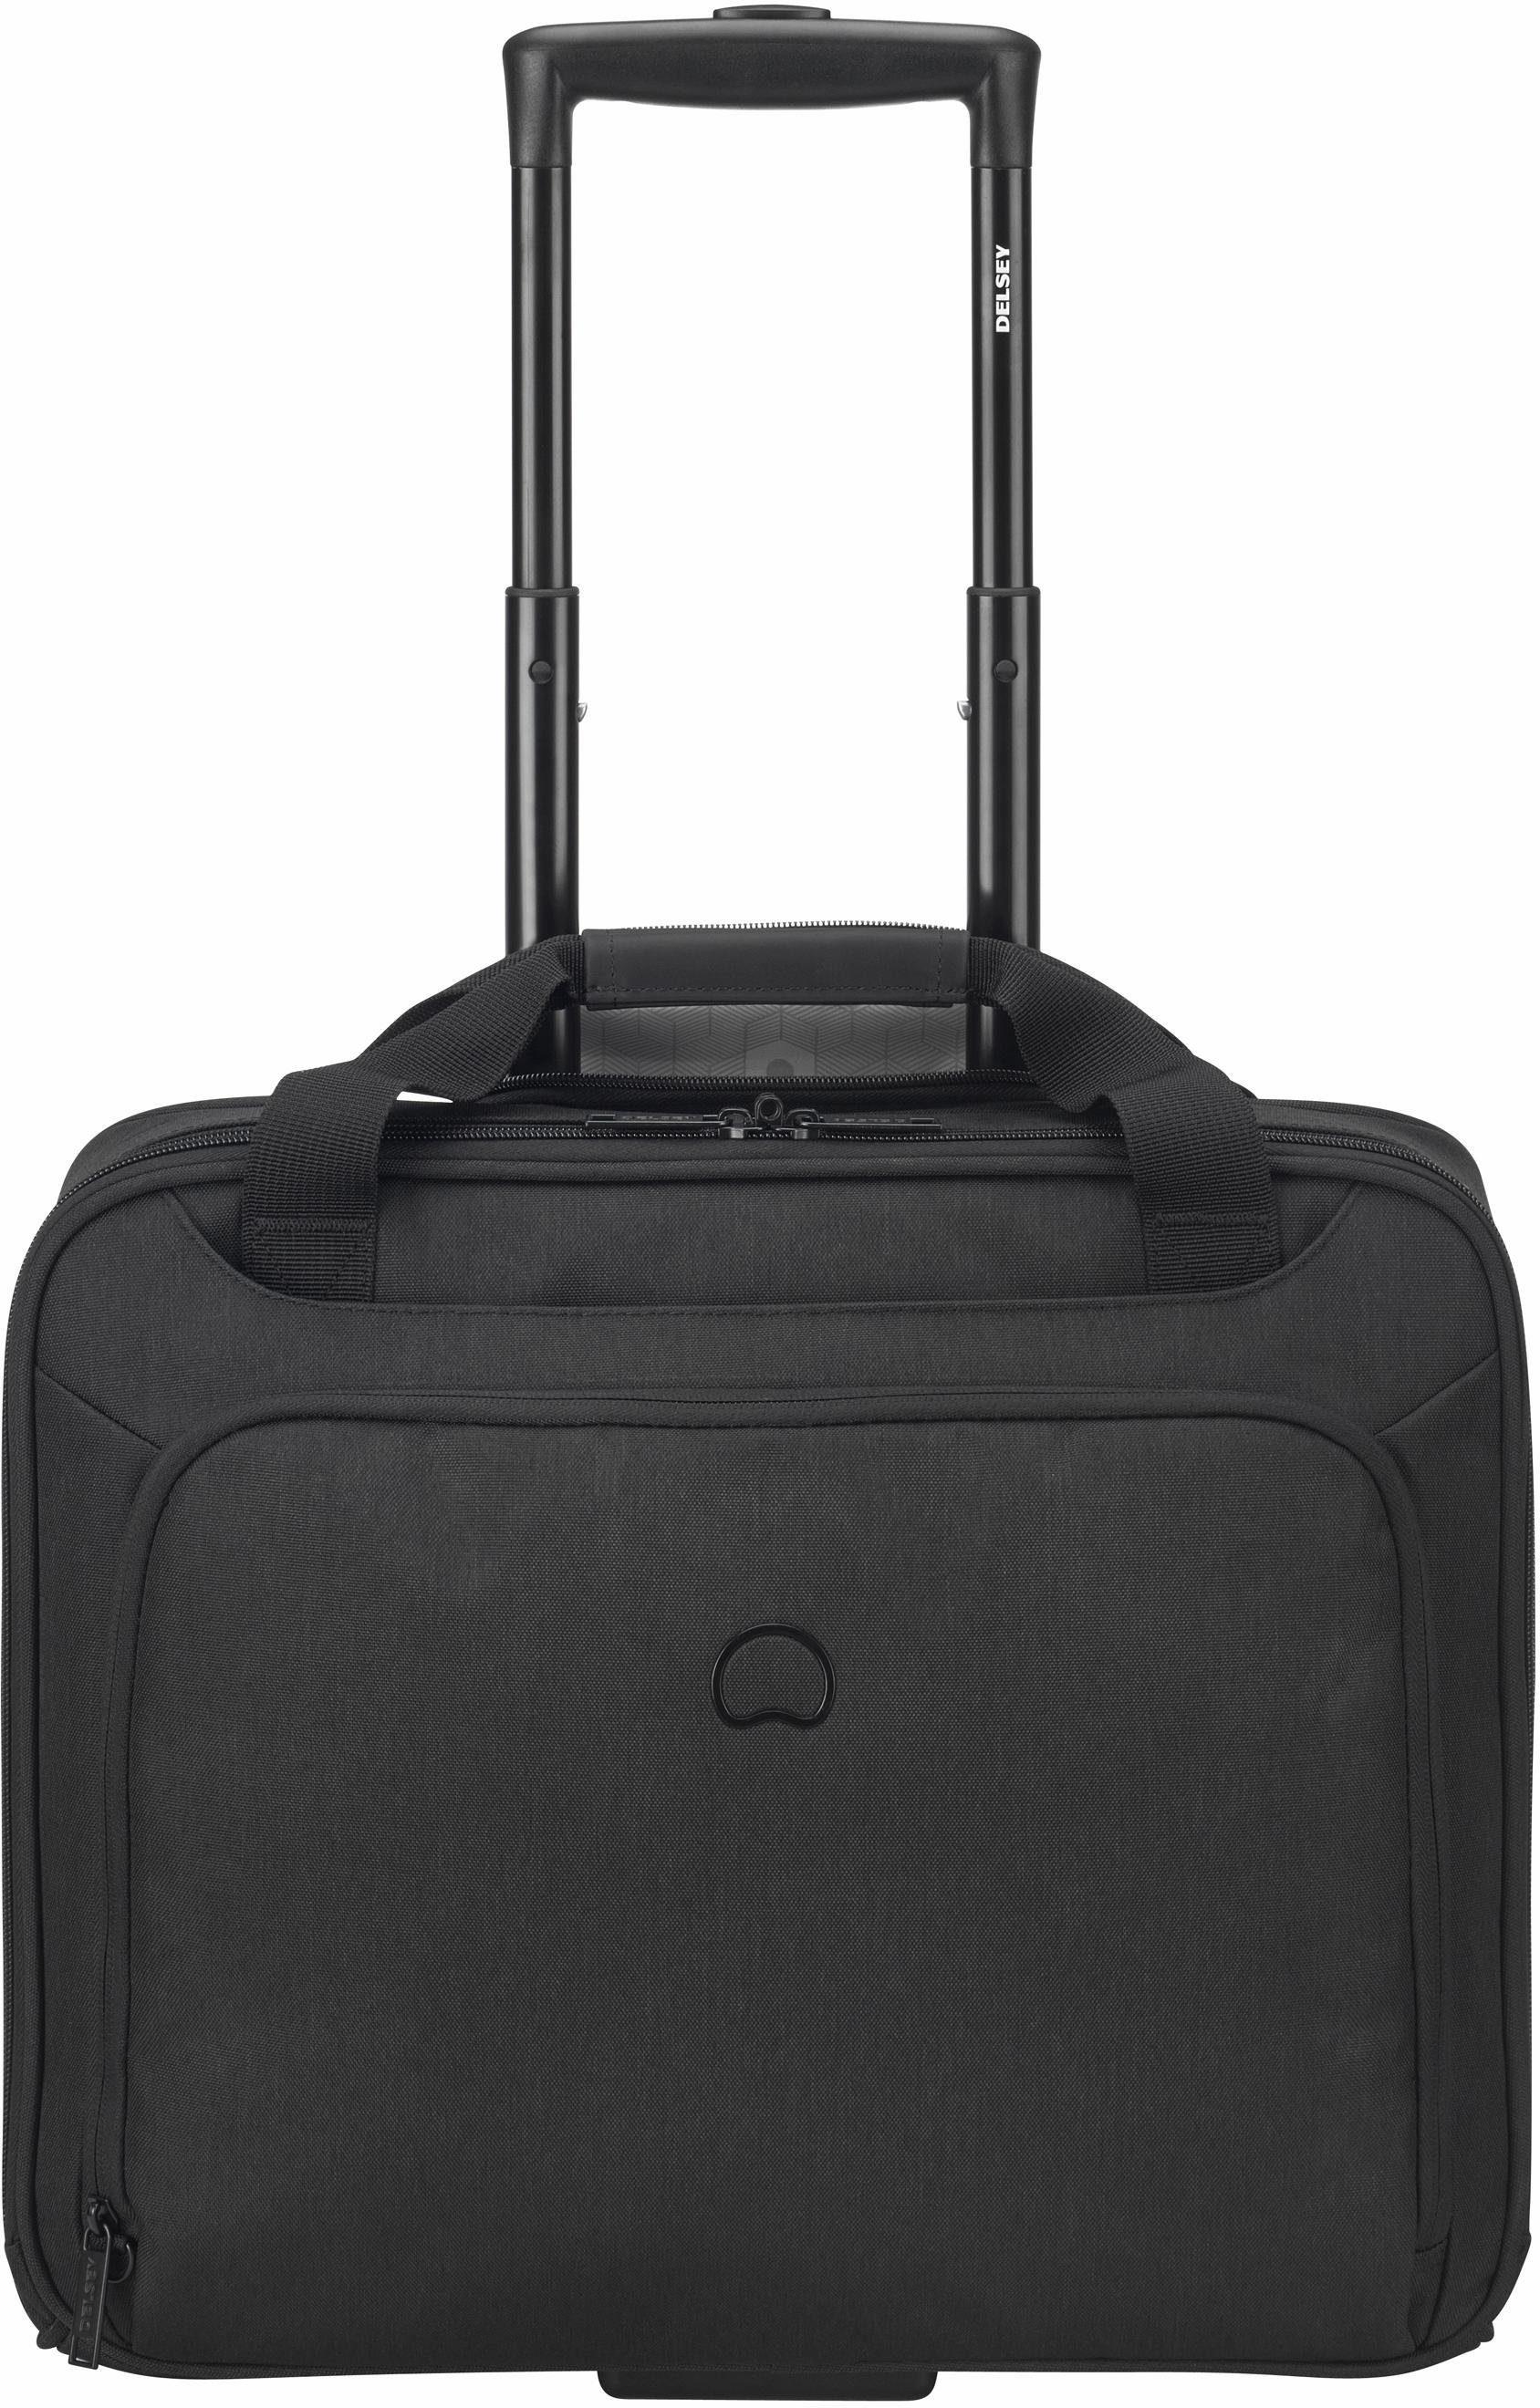 DELSEY Businesstrolley, mit 15,6-Zoll Laptopfach, »Esplanade, schwarz«